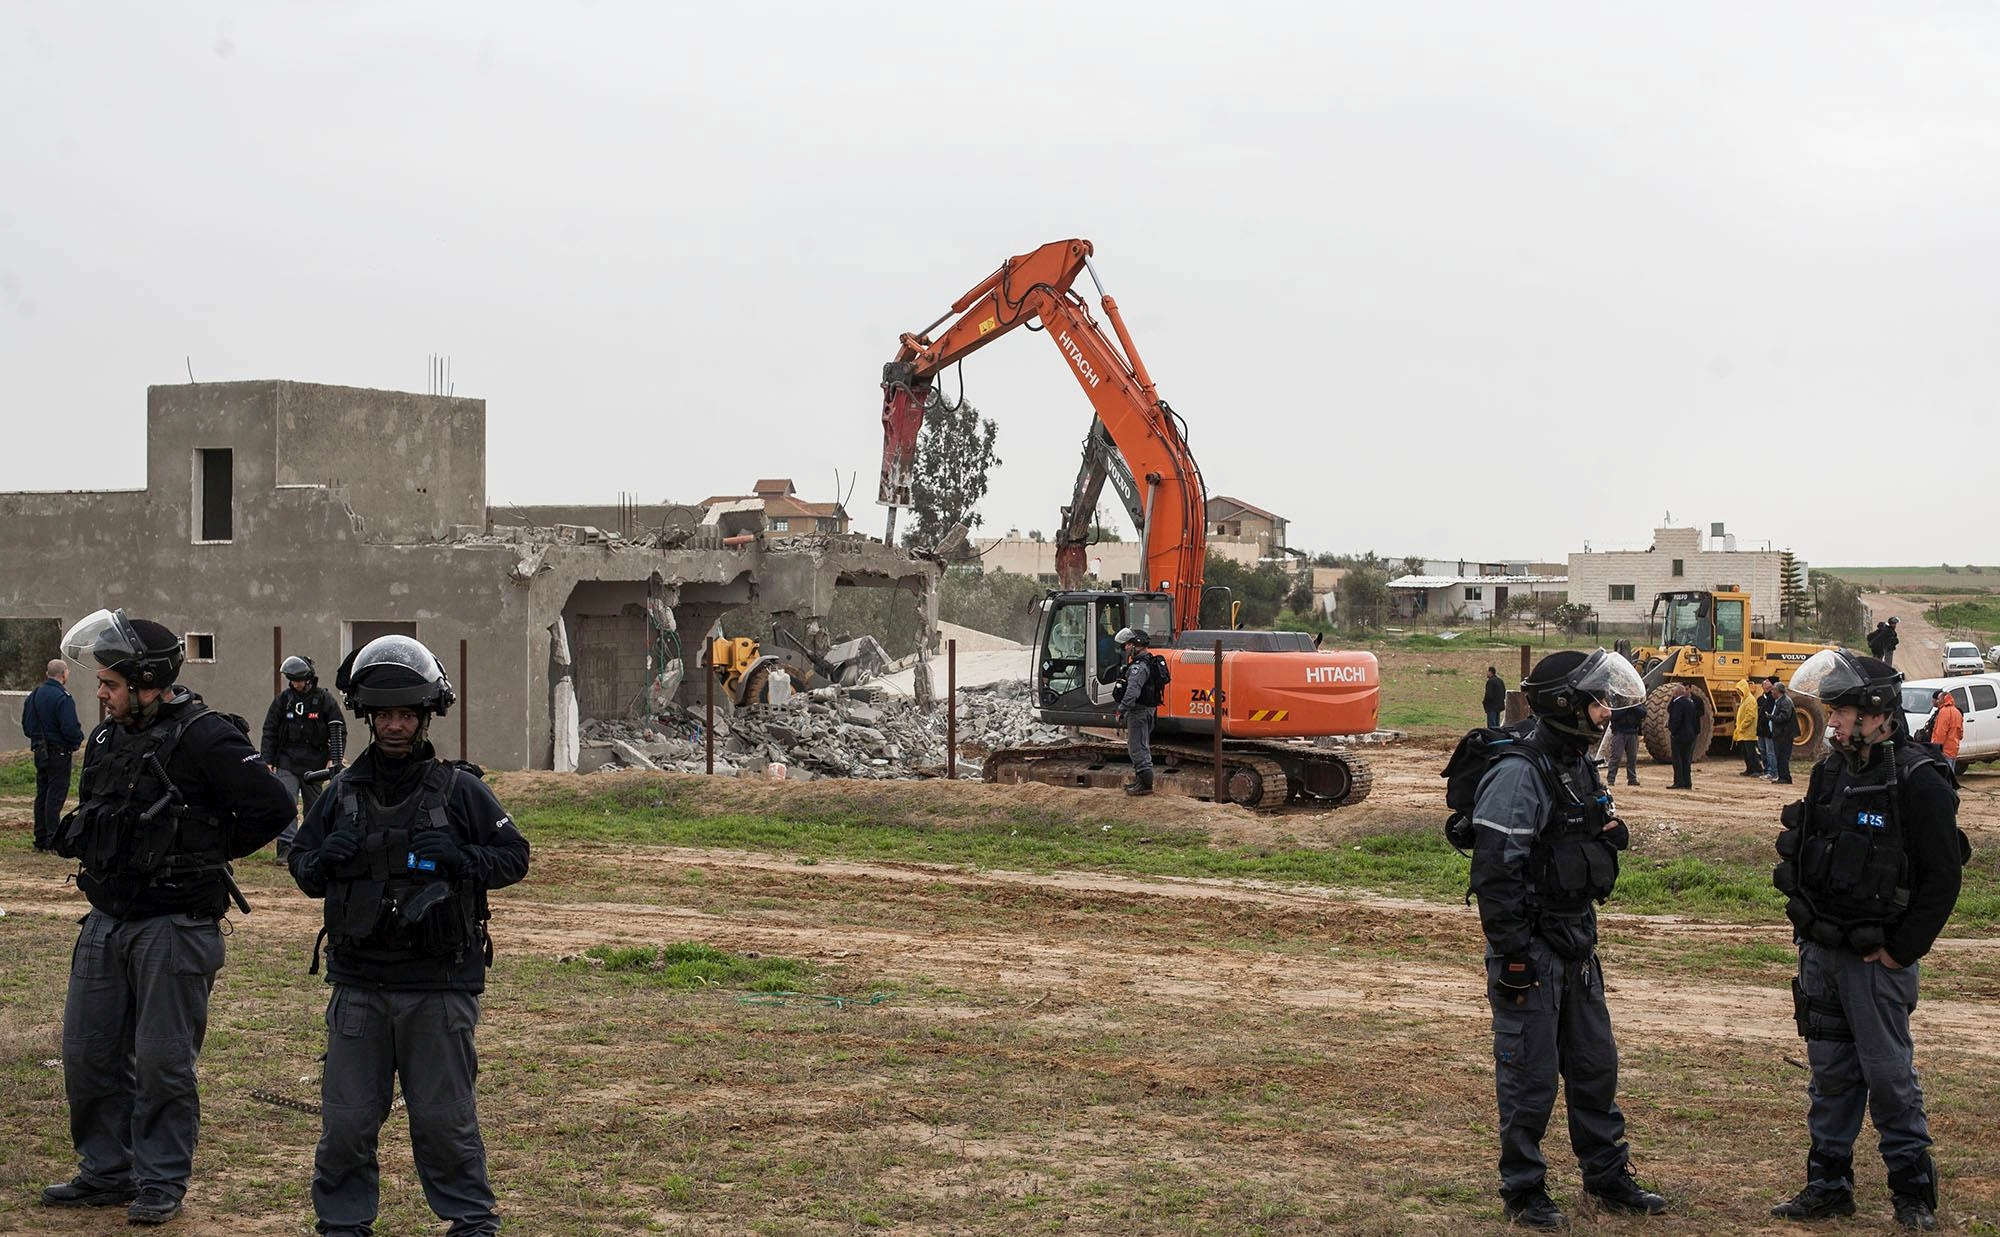 إسرائيل تواصل مخطط التهجير وهدم المنازل العربية بالنقب